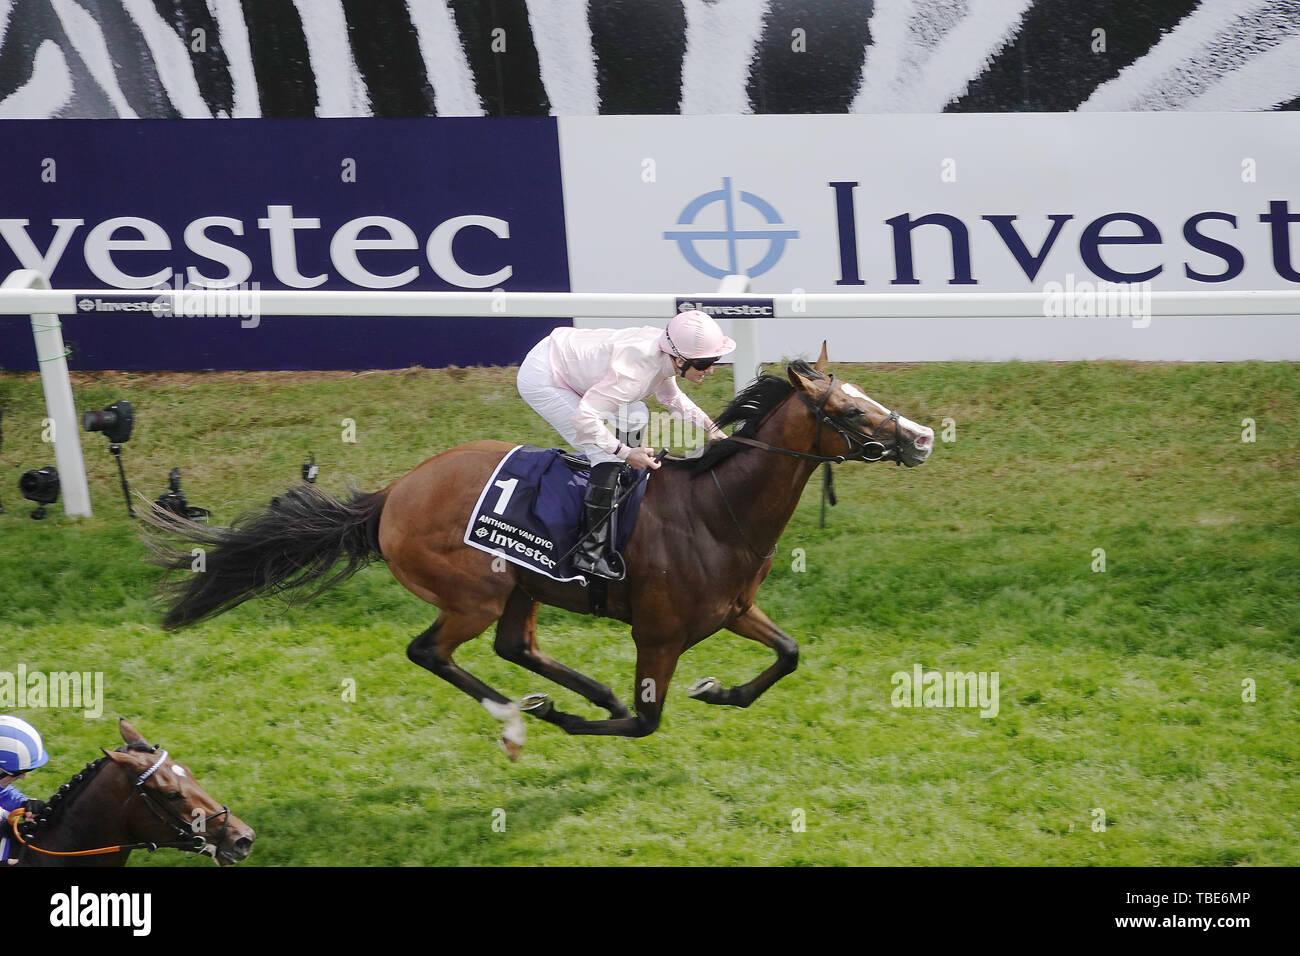 1er juin 2019. Epsom Downs, Surrey, UK Anthony Van Dyck remporte le derby en 2019 près d'un crédit d'appel: Motofoto/Alamy Live News Photo Stock